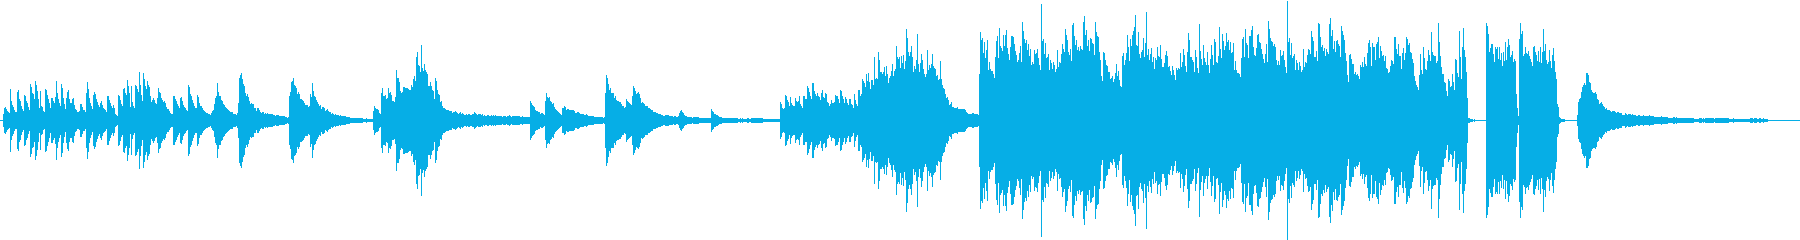 報われないの思い 生ピアノ演奏の再生済みの波形